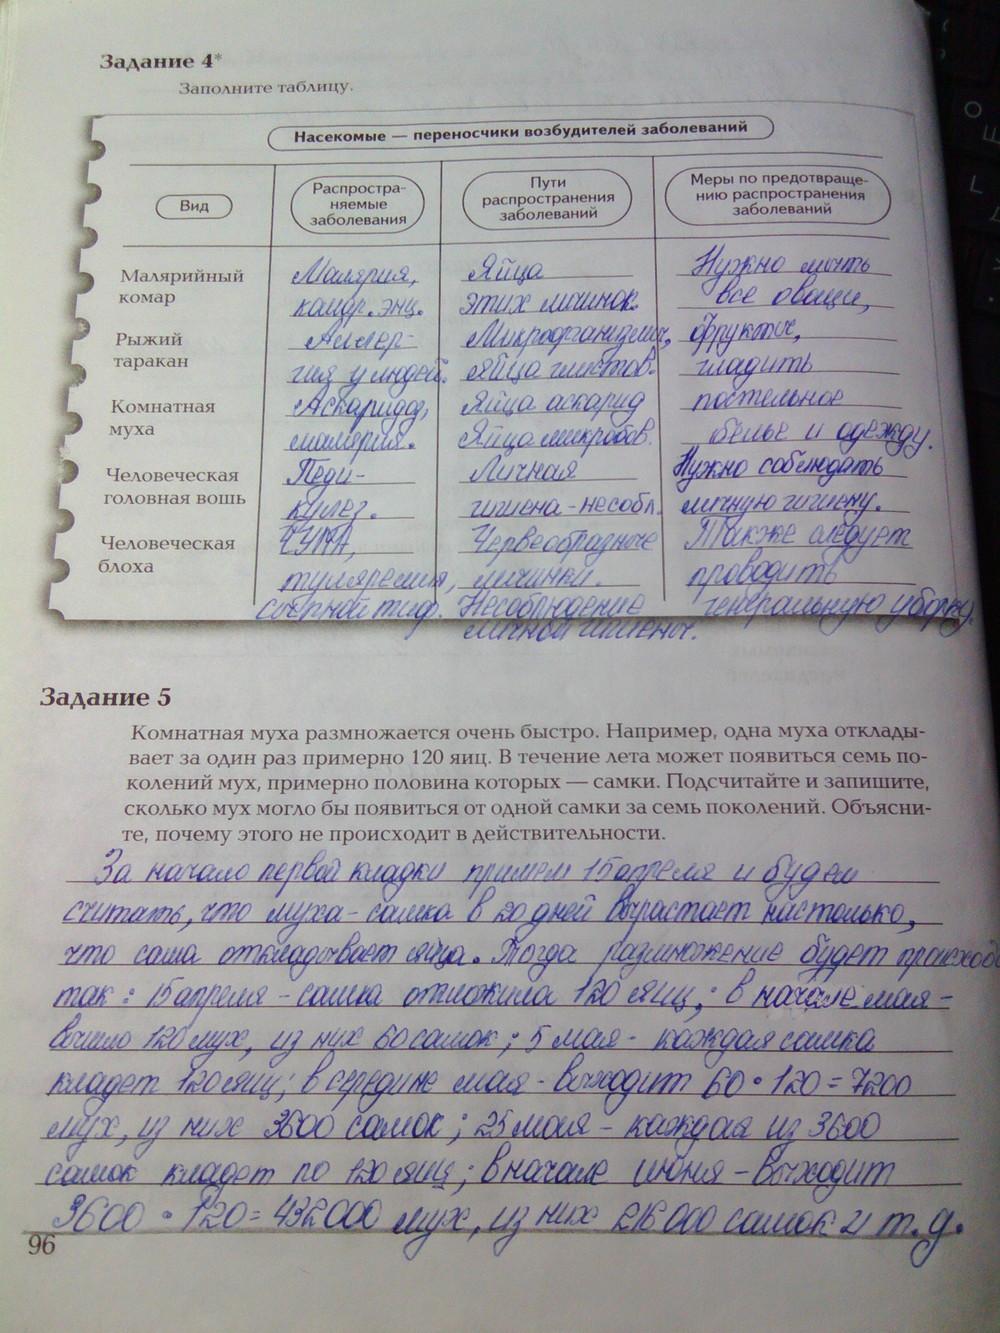 Биология ответ 7 класс рабочая тетрадь константинов бабенко кучменко